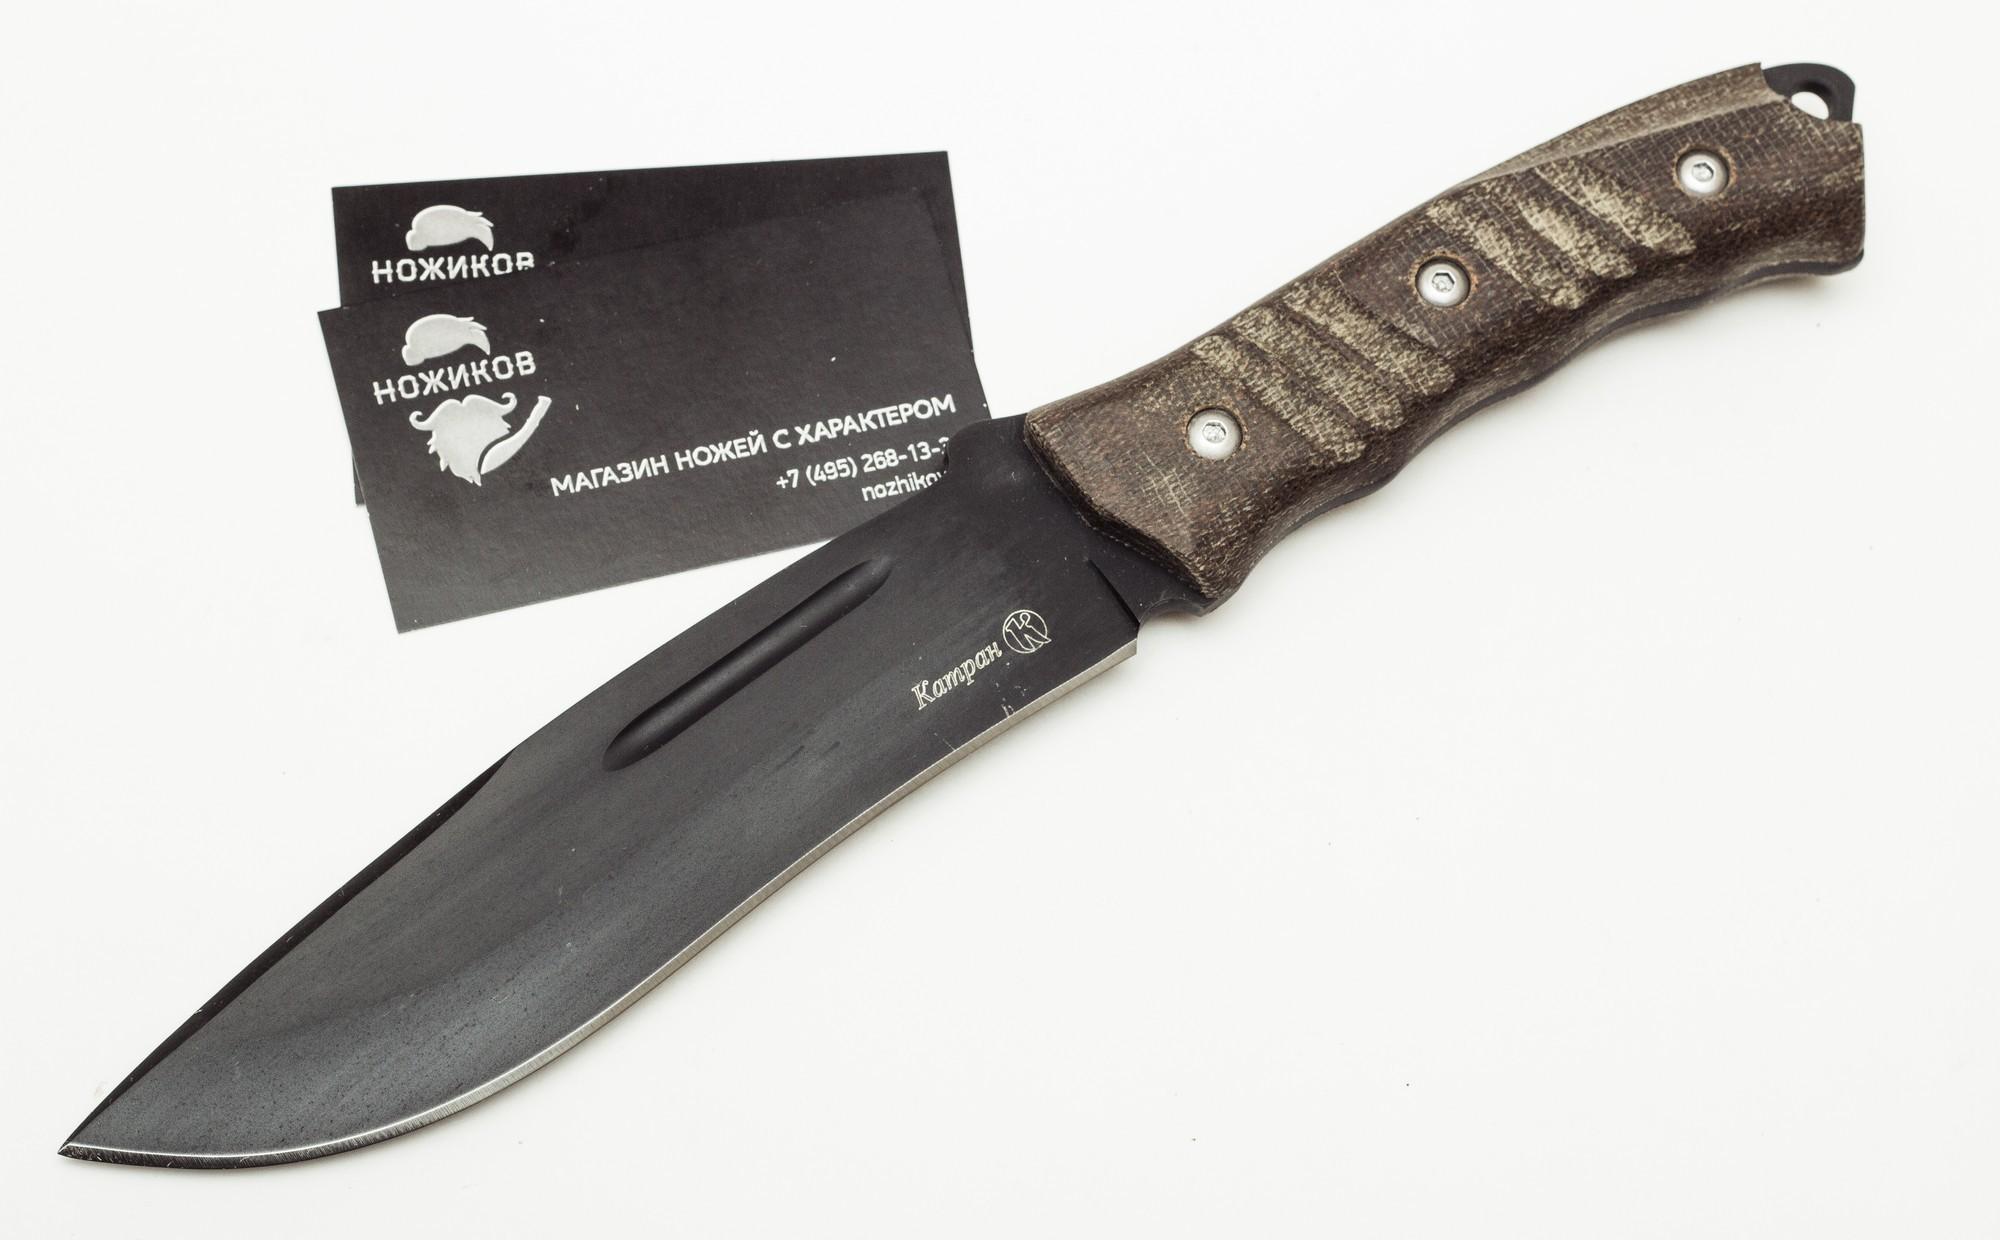 Нож Катран, AUS-8, КизлярНожи Кизляр<br>Нож Катран, AUS-8, Кизляр<br>